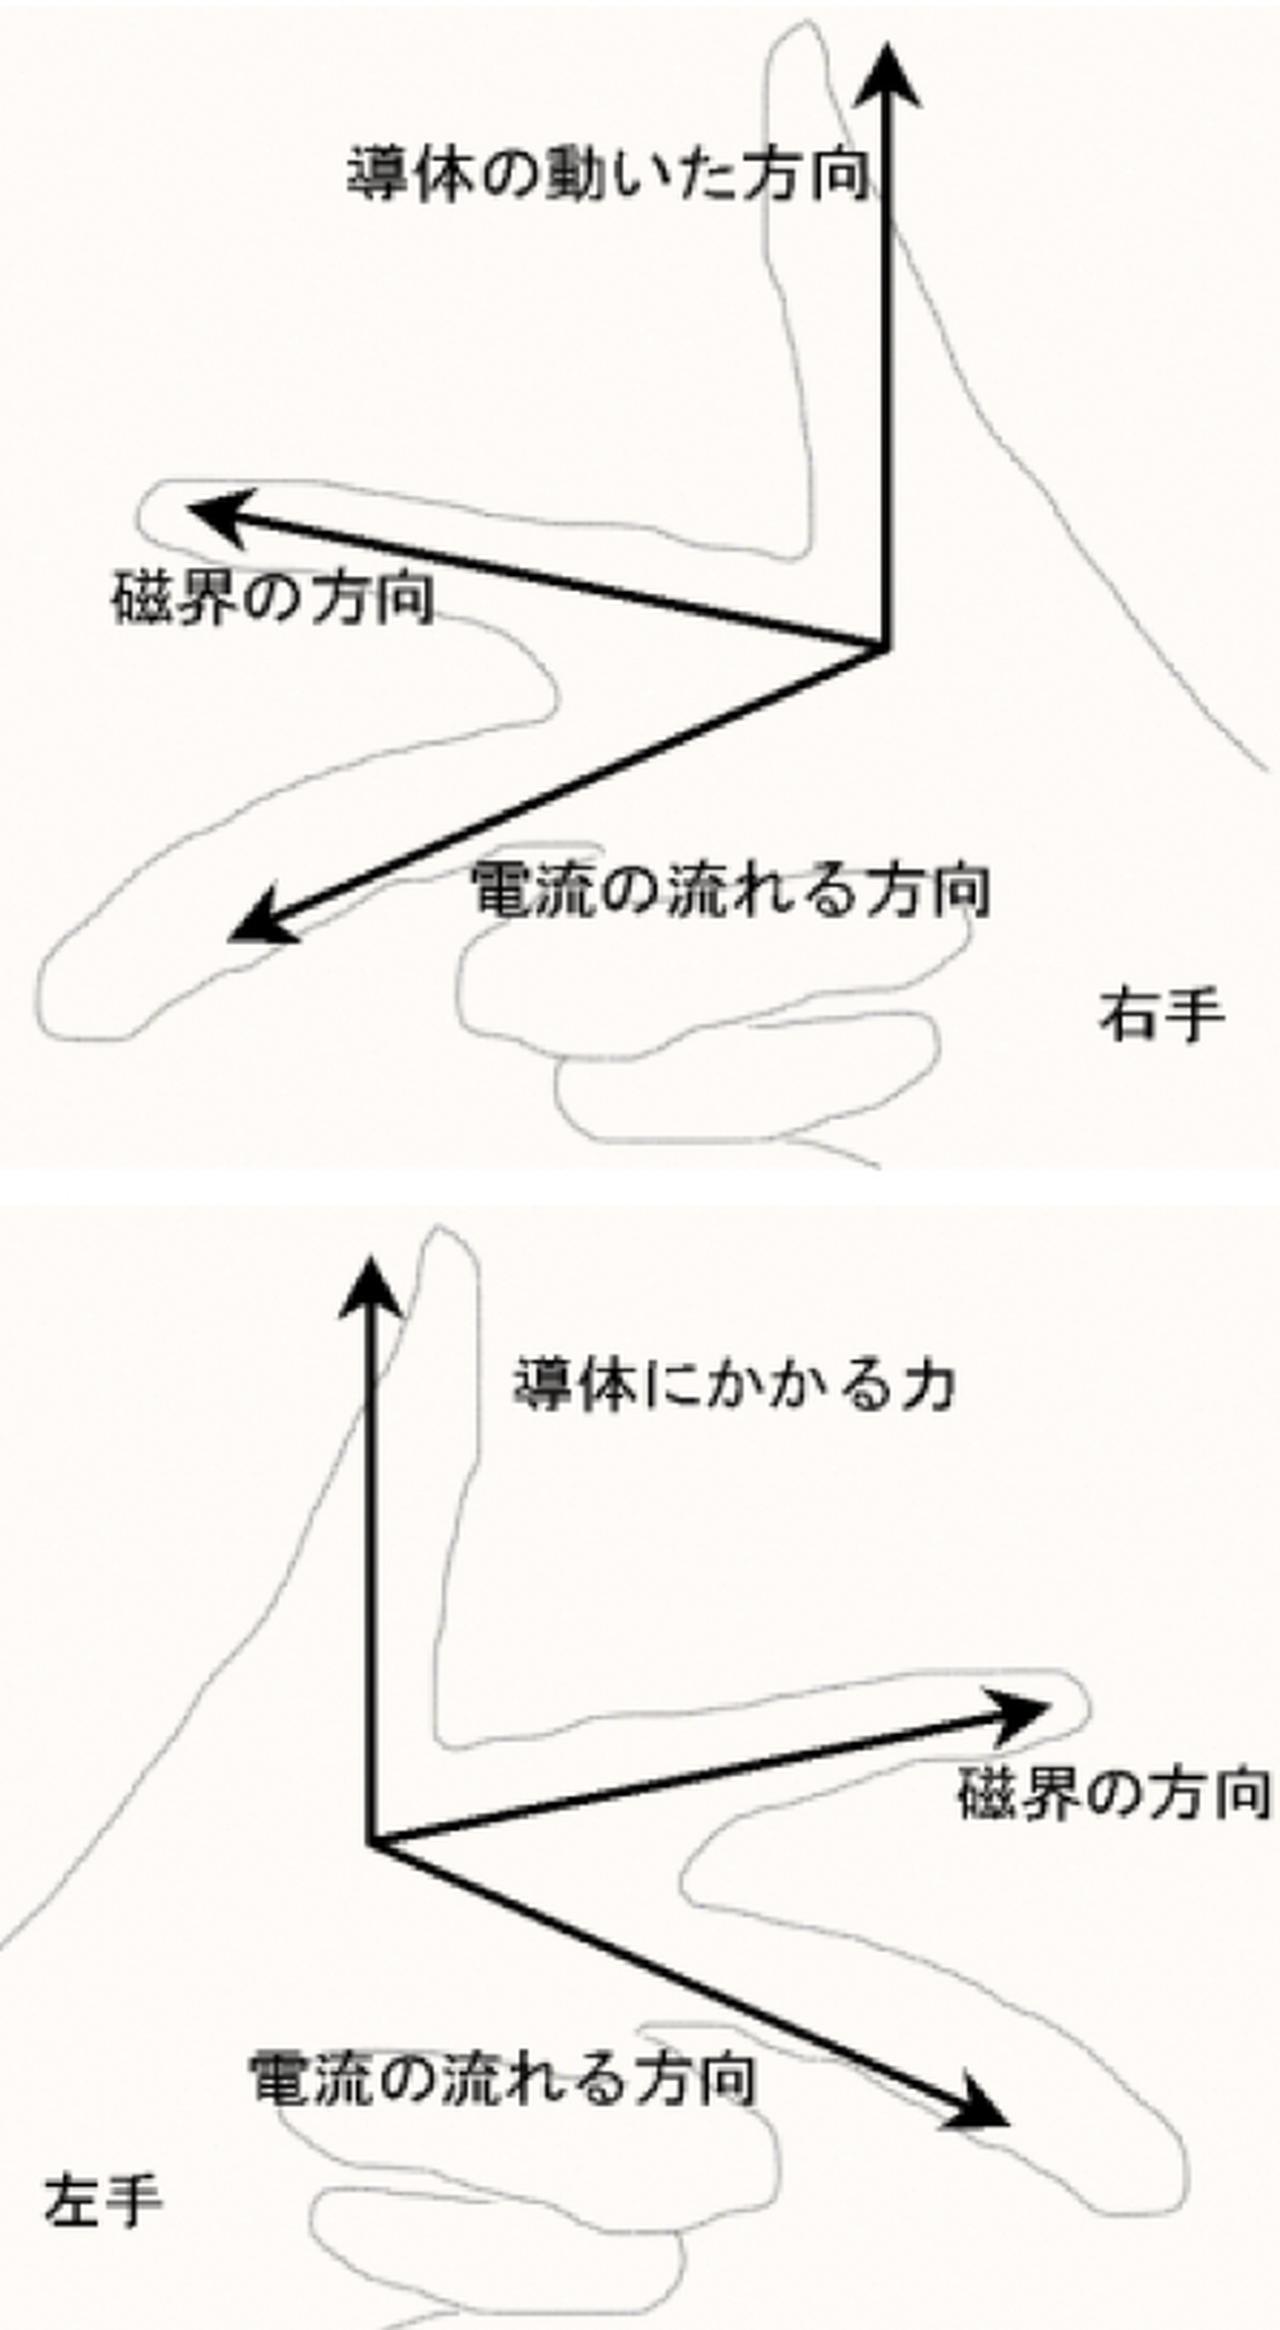 画像: フレミングの手の法則・・・右手は発電機、左手はモーターの作動原理を3本の指で説明しています。なおフレミングは、真空管の発明者としても知られています。 ja.wikipedia.org